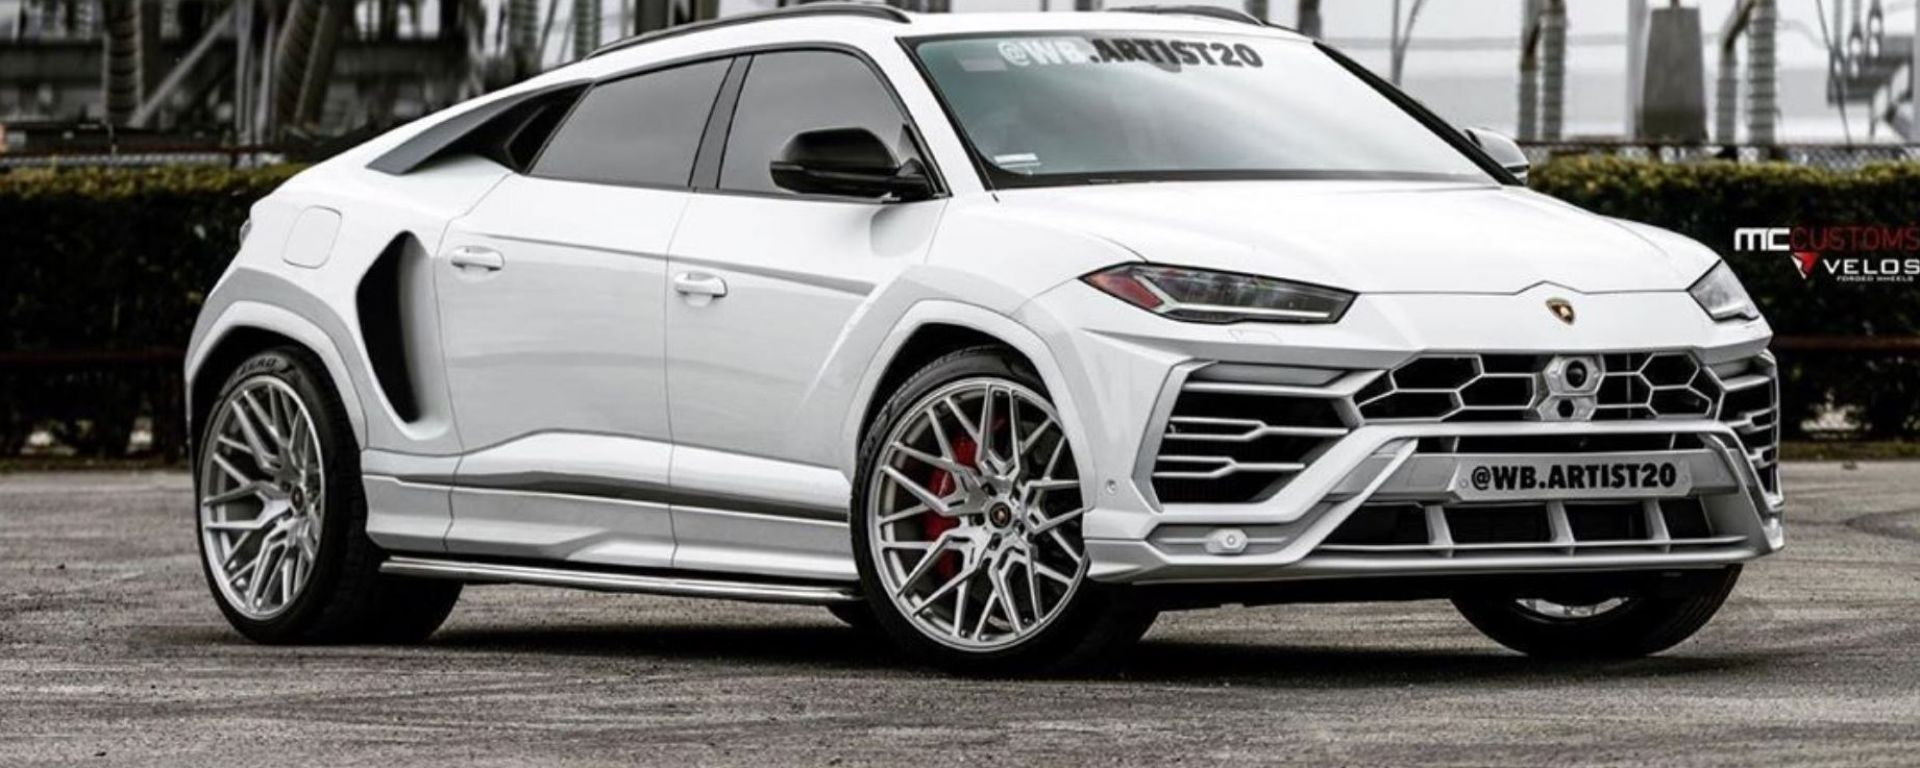 Lamborghini Urus: un render lo immagina così...